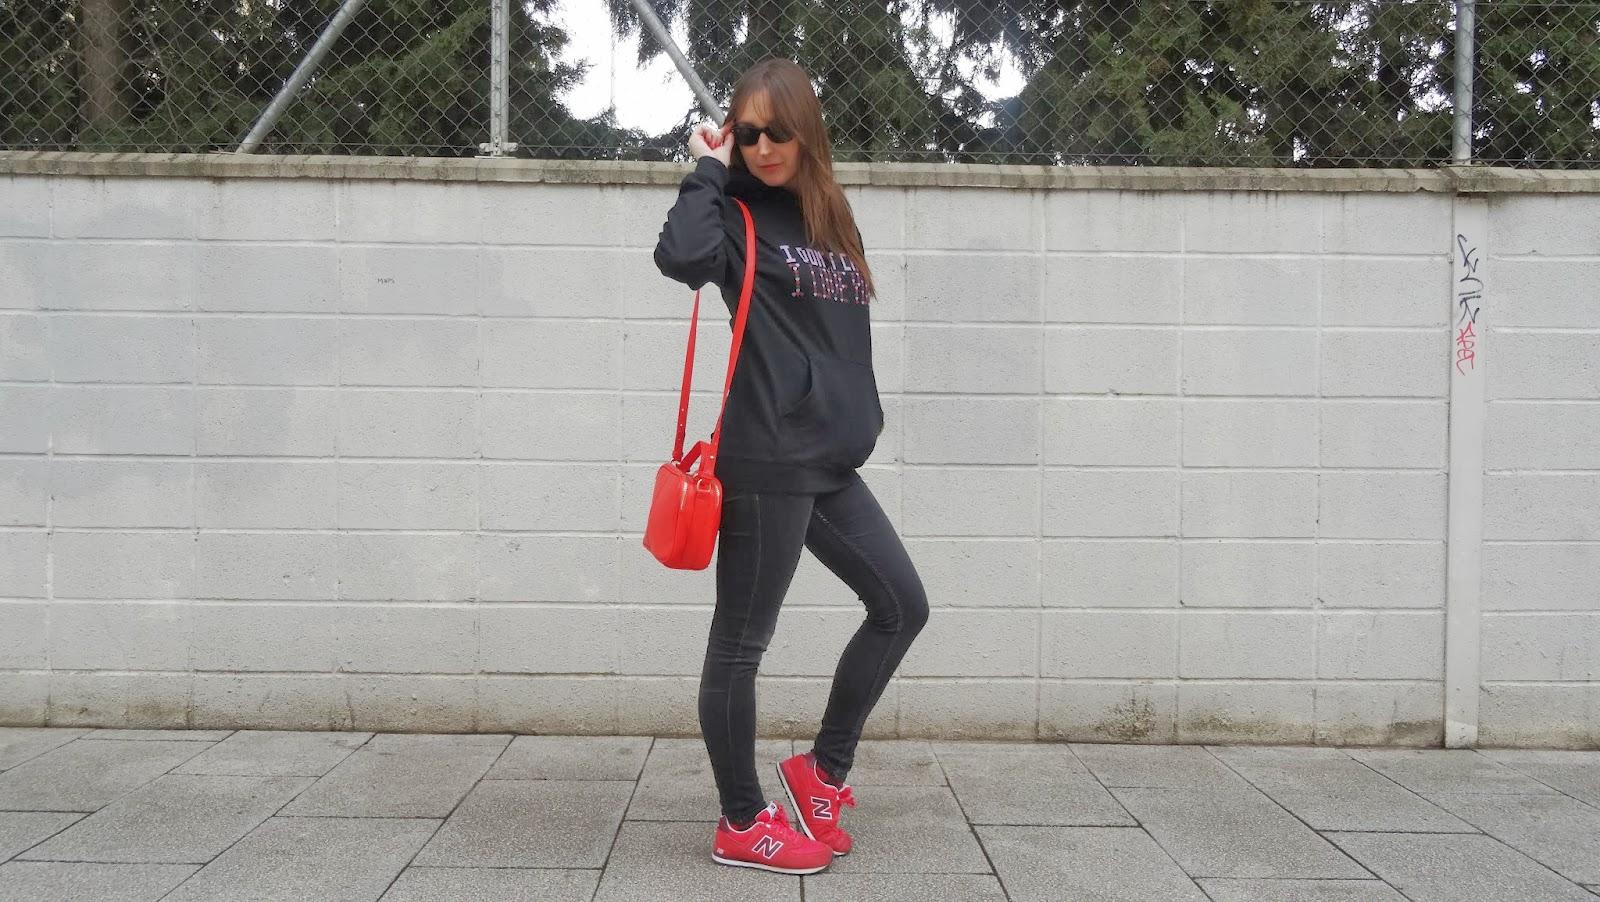 Sudadera nueva colección de corazones de Carita Bonita, diseño I dont care I love you, ideal para regalar en San Valentín.  con zapatillas new balance rojas queda genial